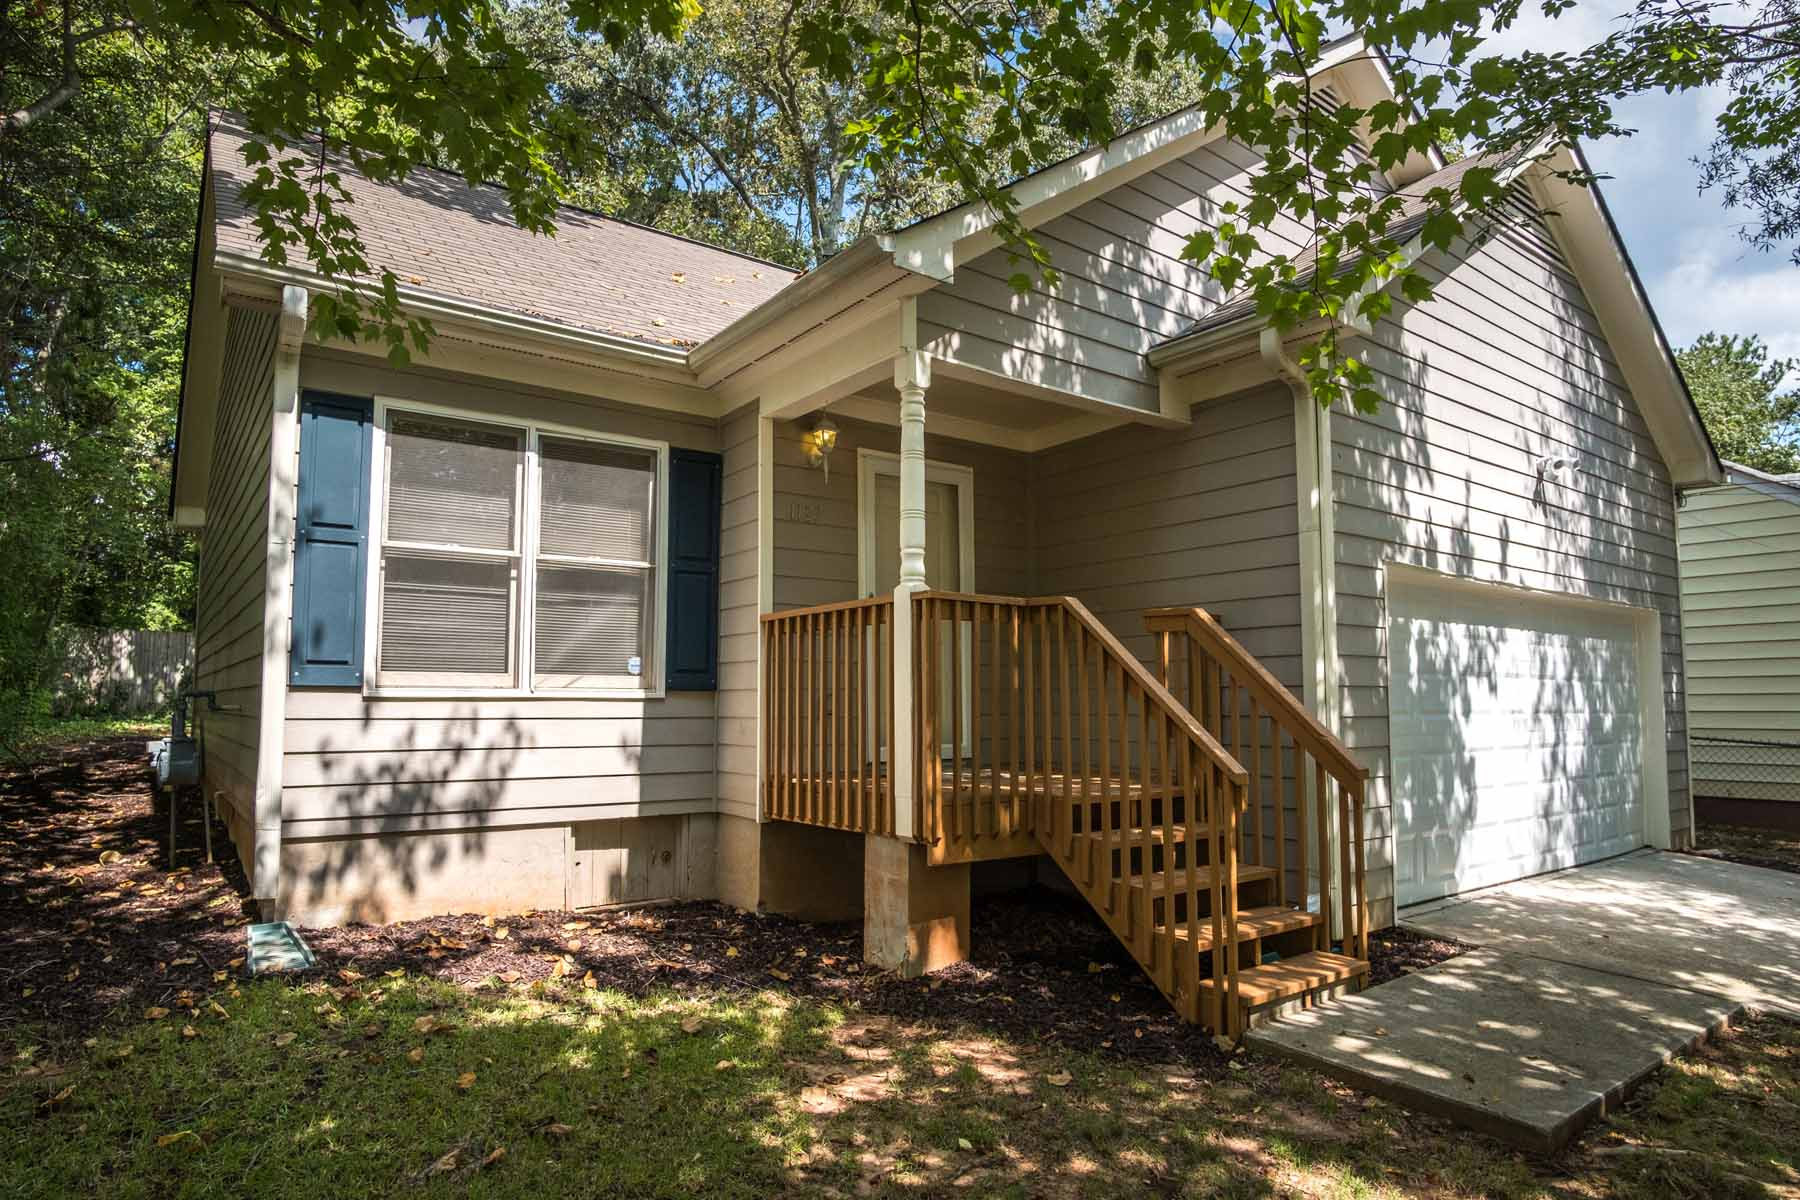 Maison unifamiliale pour l Vente à Meticulously Maintained, Move In Ready Bungalow 1127 Regent Street SW Sylvan Hills, Atlanta, Georgia, 30310 États-Unis